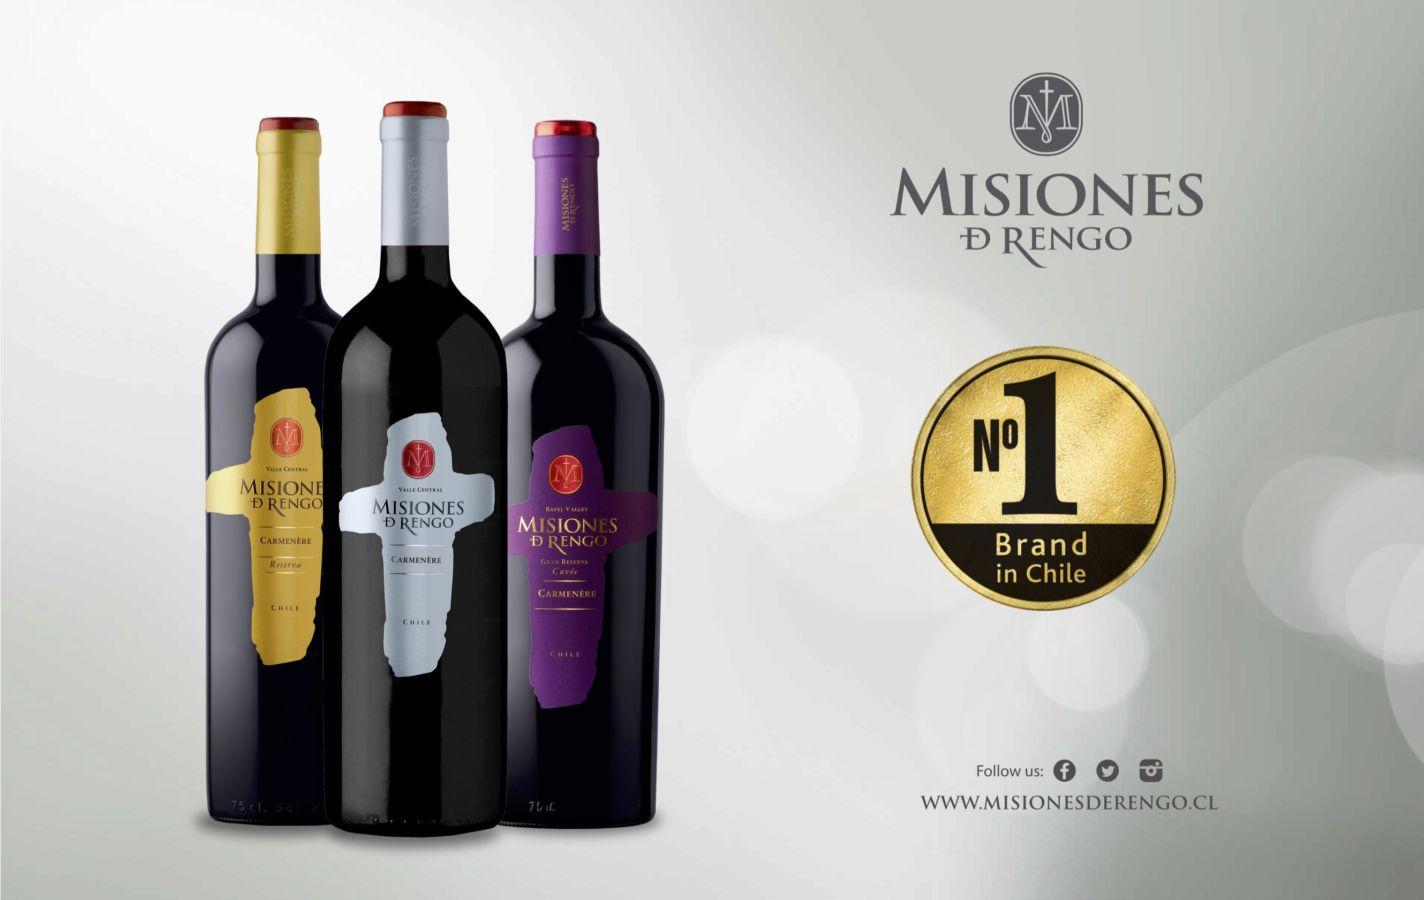 Misiones de Rengo: Populární misionářské víno z Chile